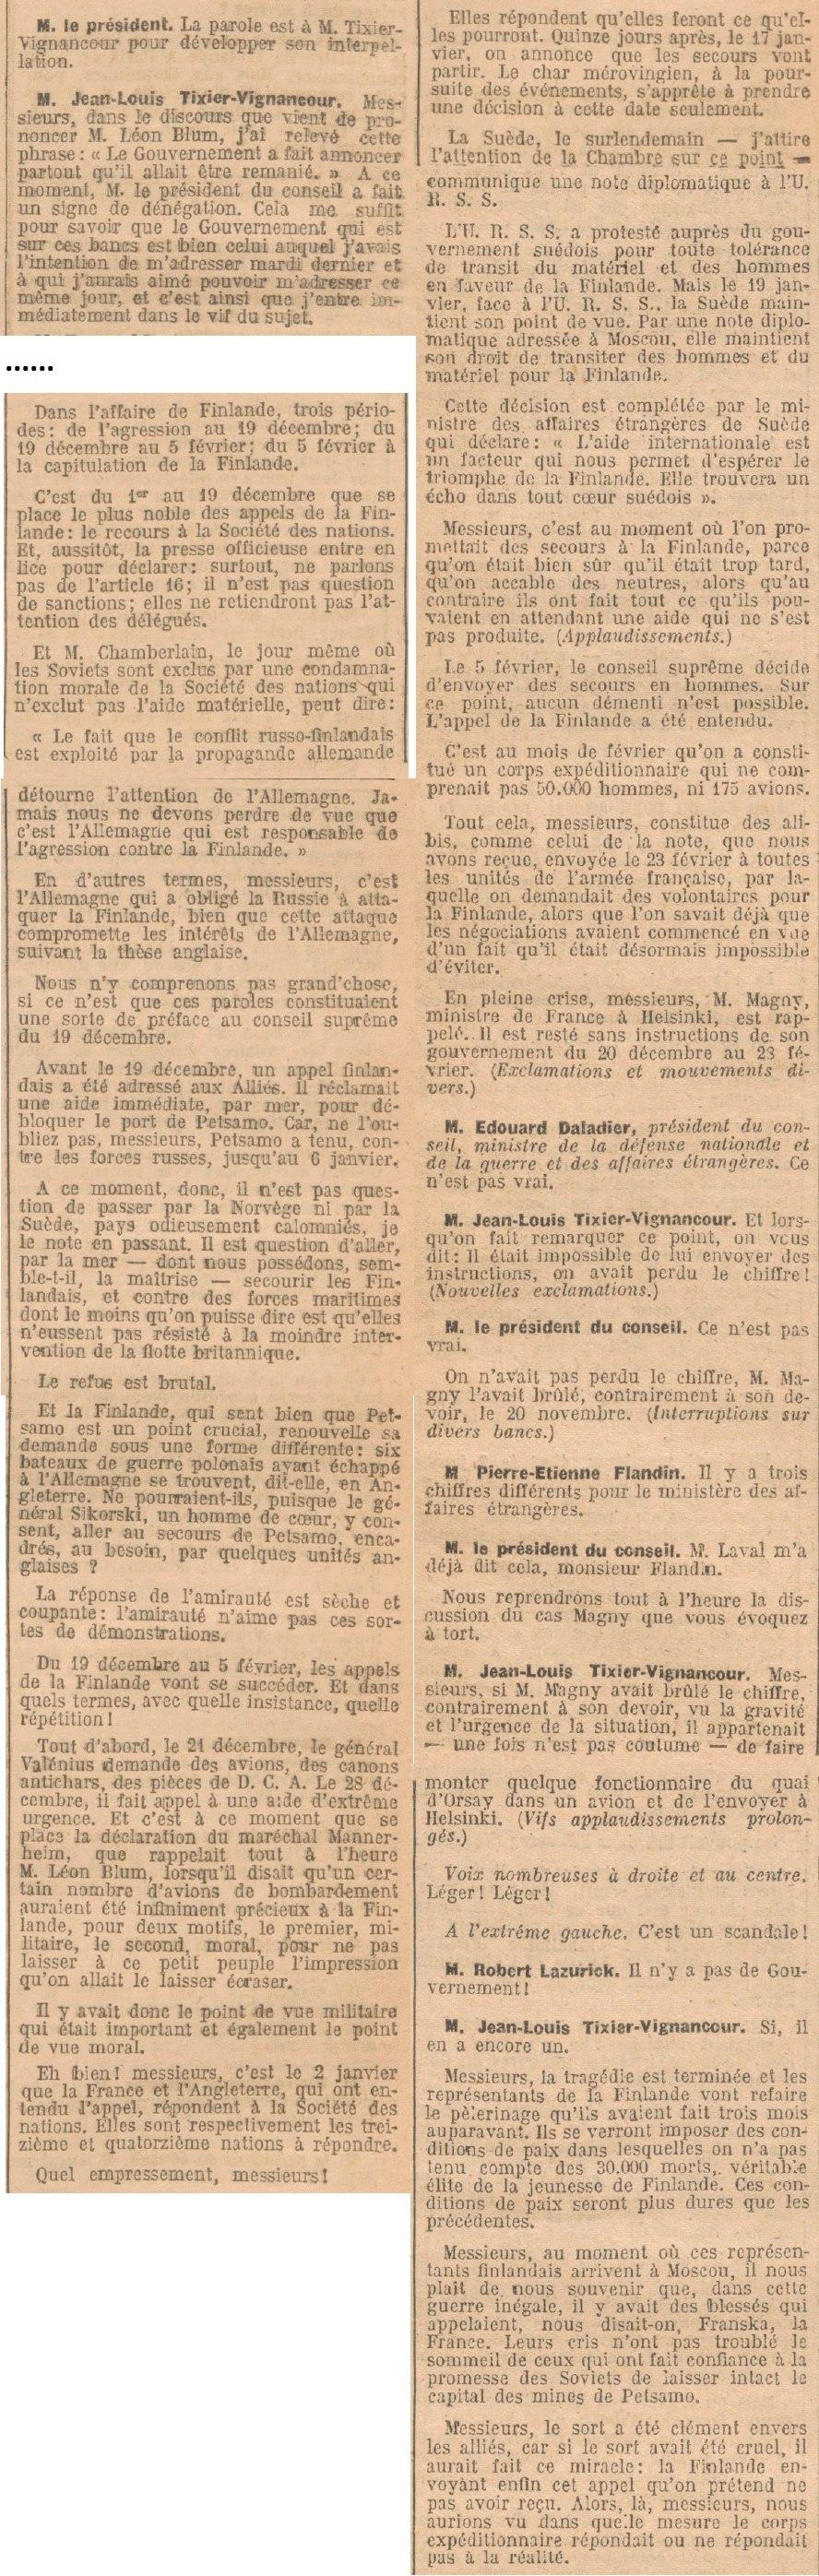 Insigne des Français en Finlande ? - Page 2 Comitz20